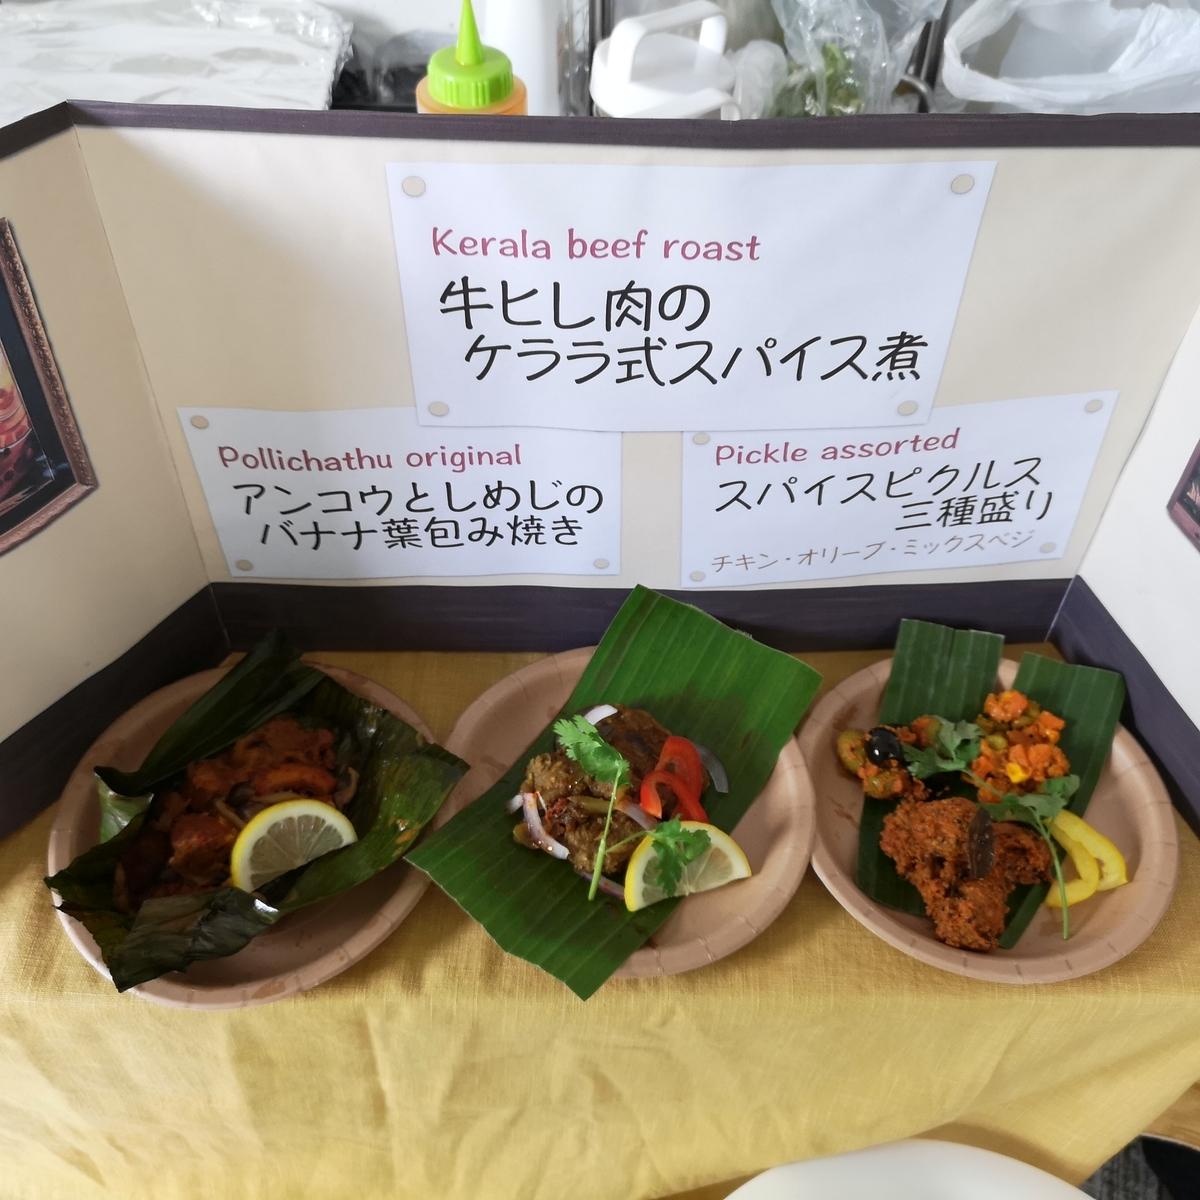 カレー事情聴取スパイス定食&バルVol.7 2019年10月22日 ナンタラ メニュー